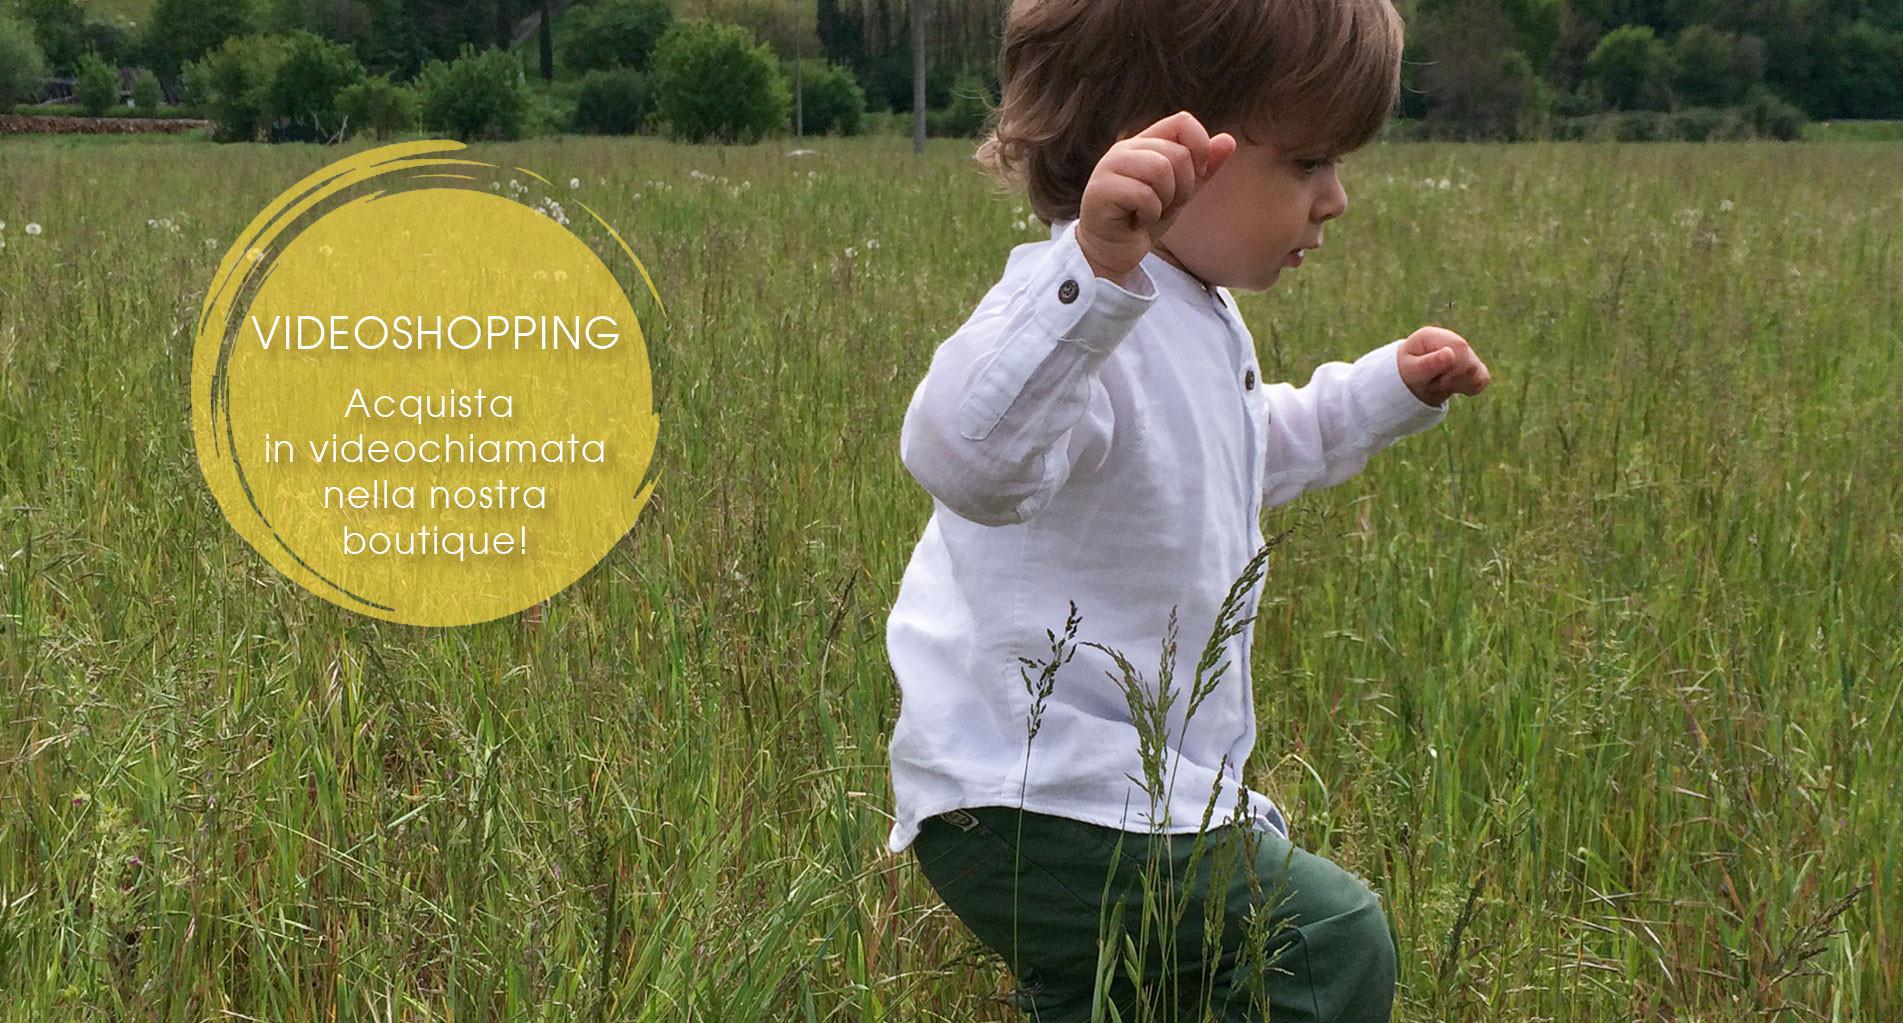 Cipiglio Raggiungere sindrome  Abbigliamento elegante per neonati , bambini e ragazzi a Firenze.